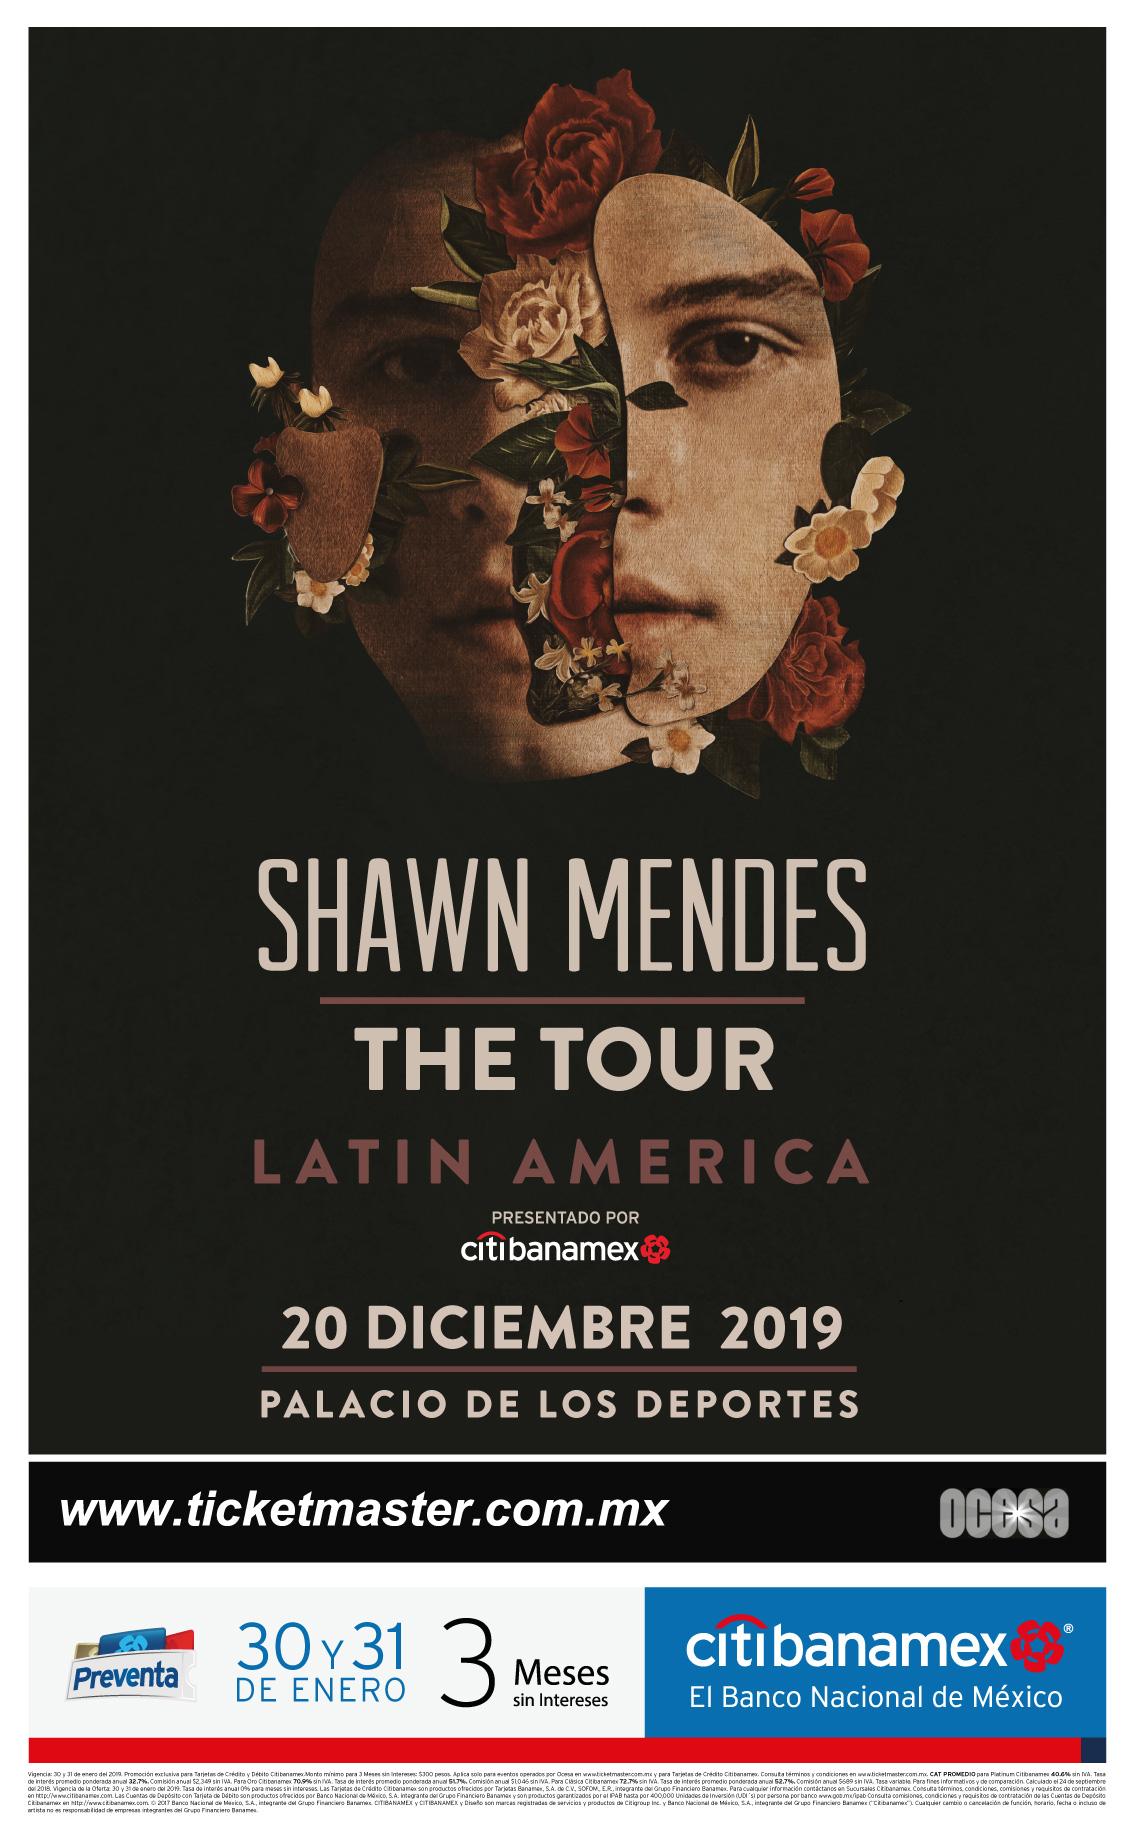 ¡Shawn Mendes volverá a México para un concierto en el Palacio de los Deportes!